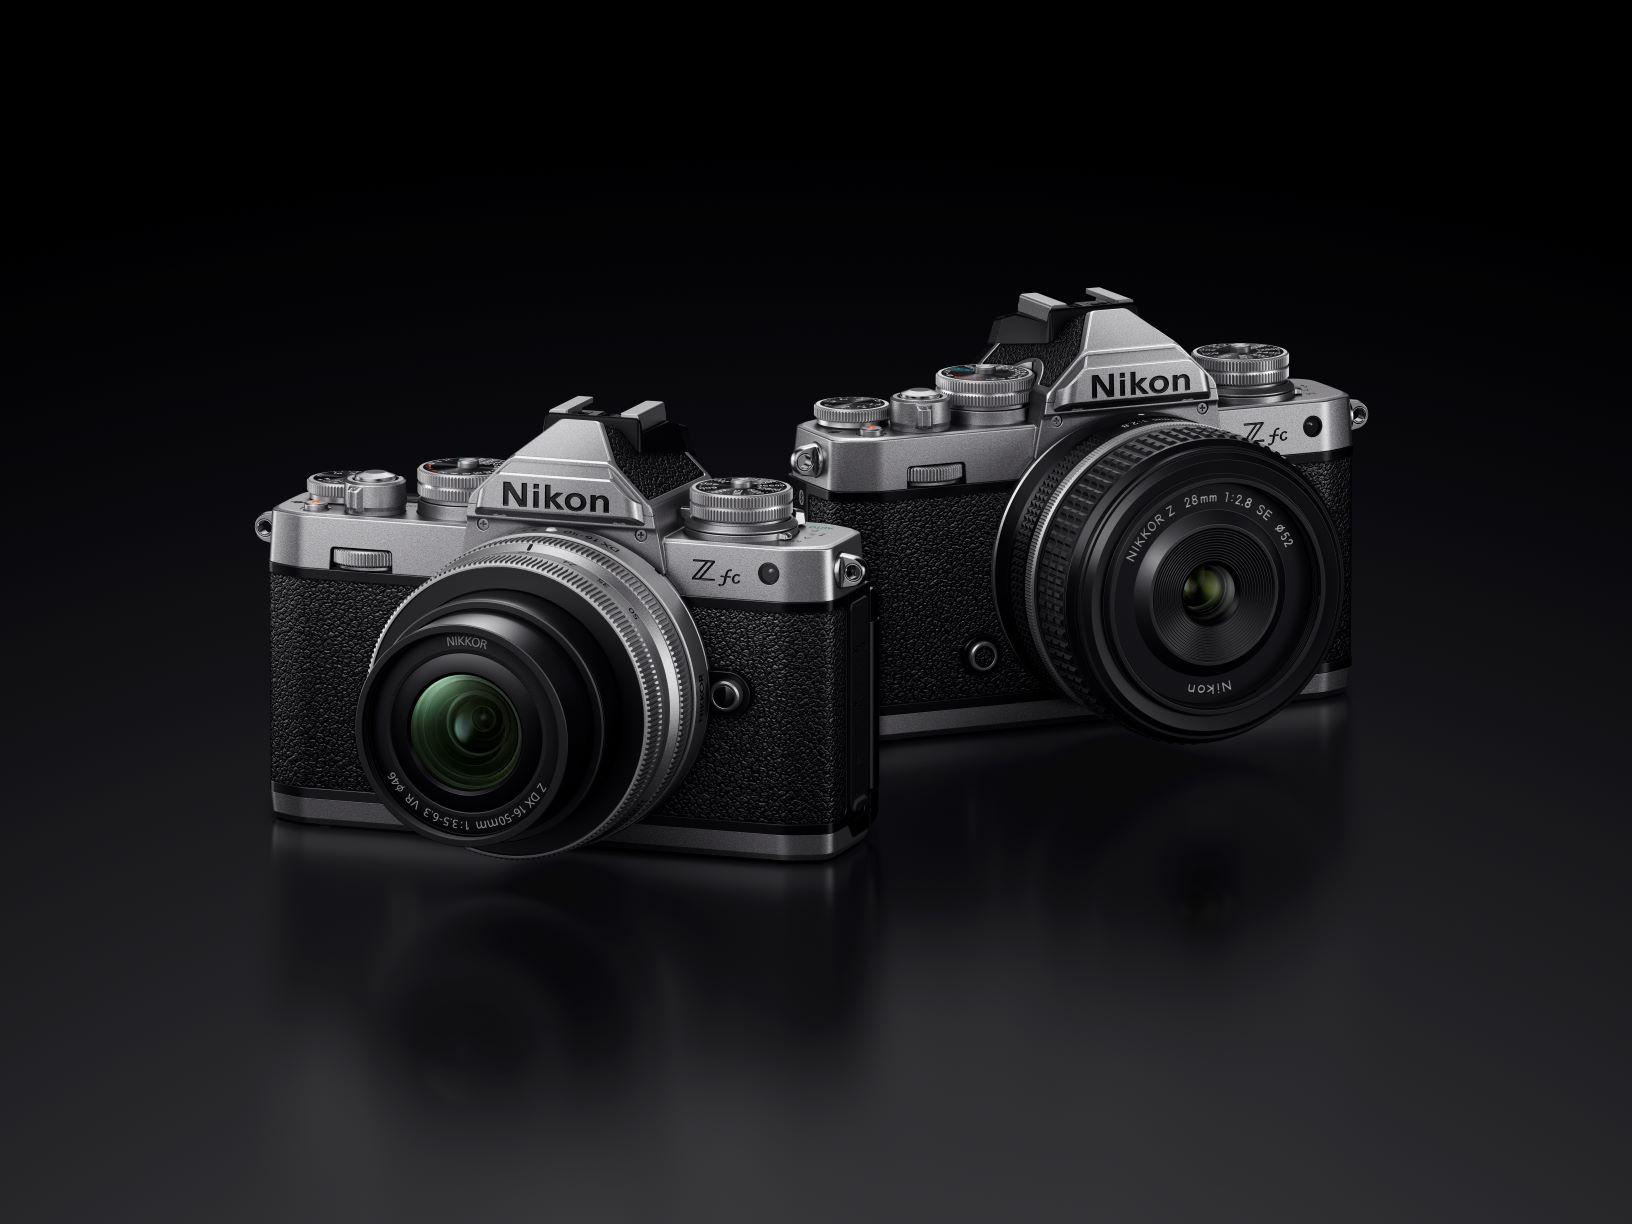 Nikon Z fc, a DX-format lightweight camera